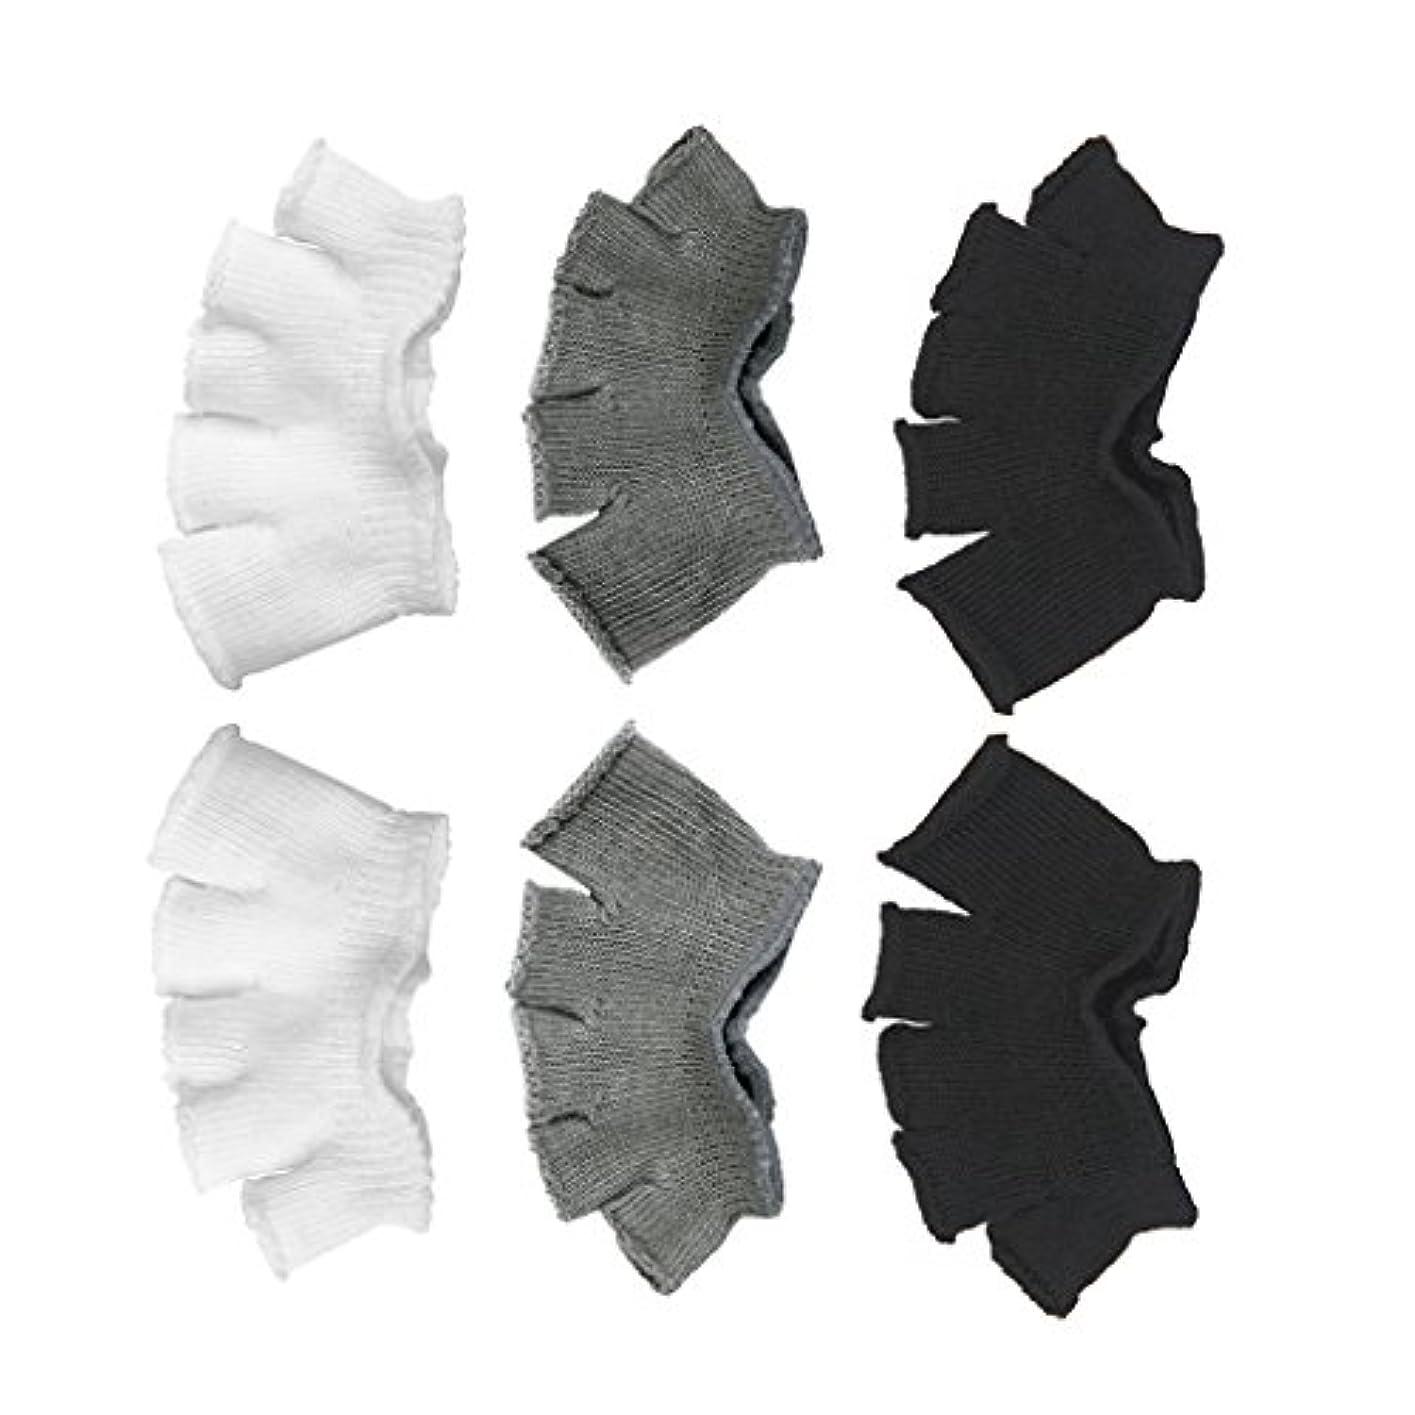 延ばすルビー所有権Footful 5本指カバー 爽快指の間カバー 3色(12枚入) 6ペア 男女兼用 足の臭い対策 抗菌 防臭 フットカバー ブラック/ホワイト/グレー